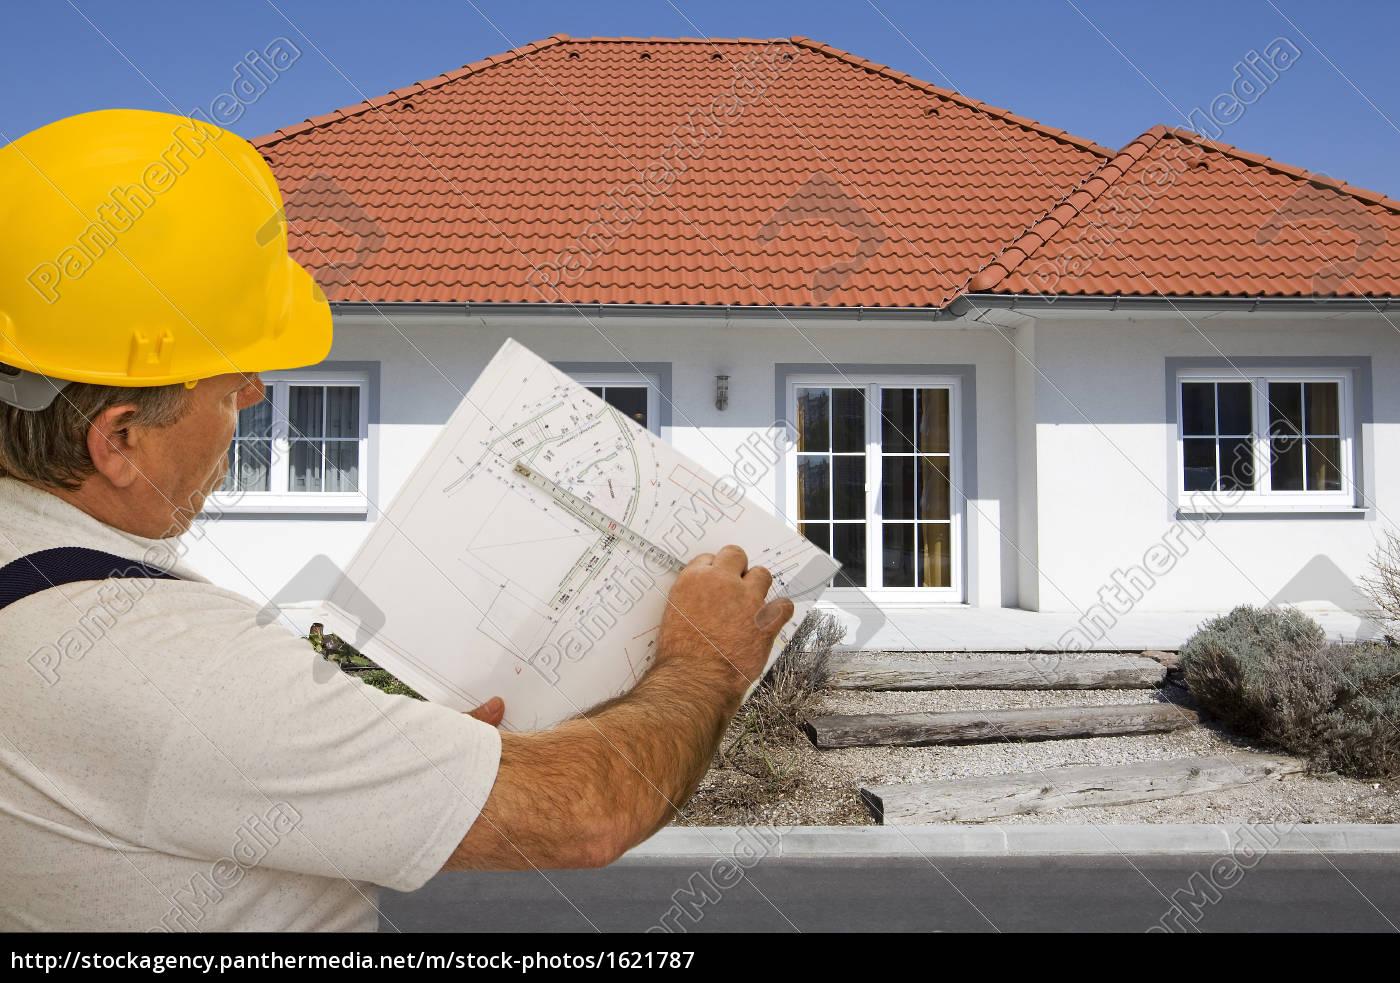 Bauarbeiter mit plan vor haus lizenzfreies bild for Haus plan bilder